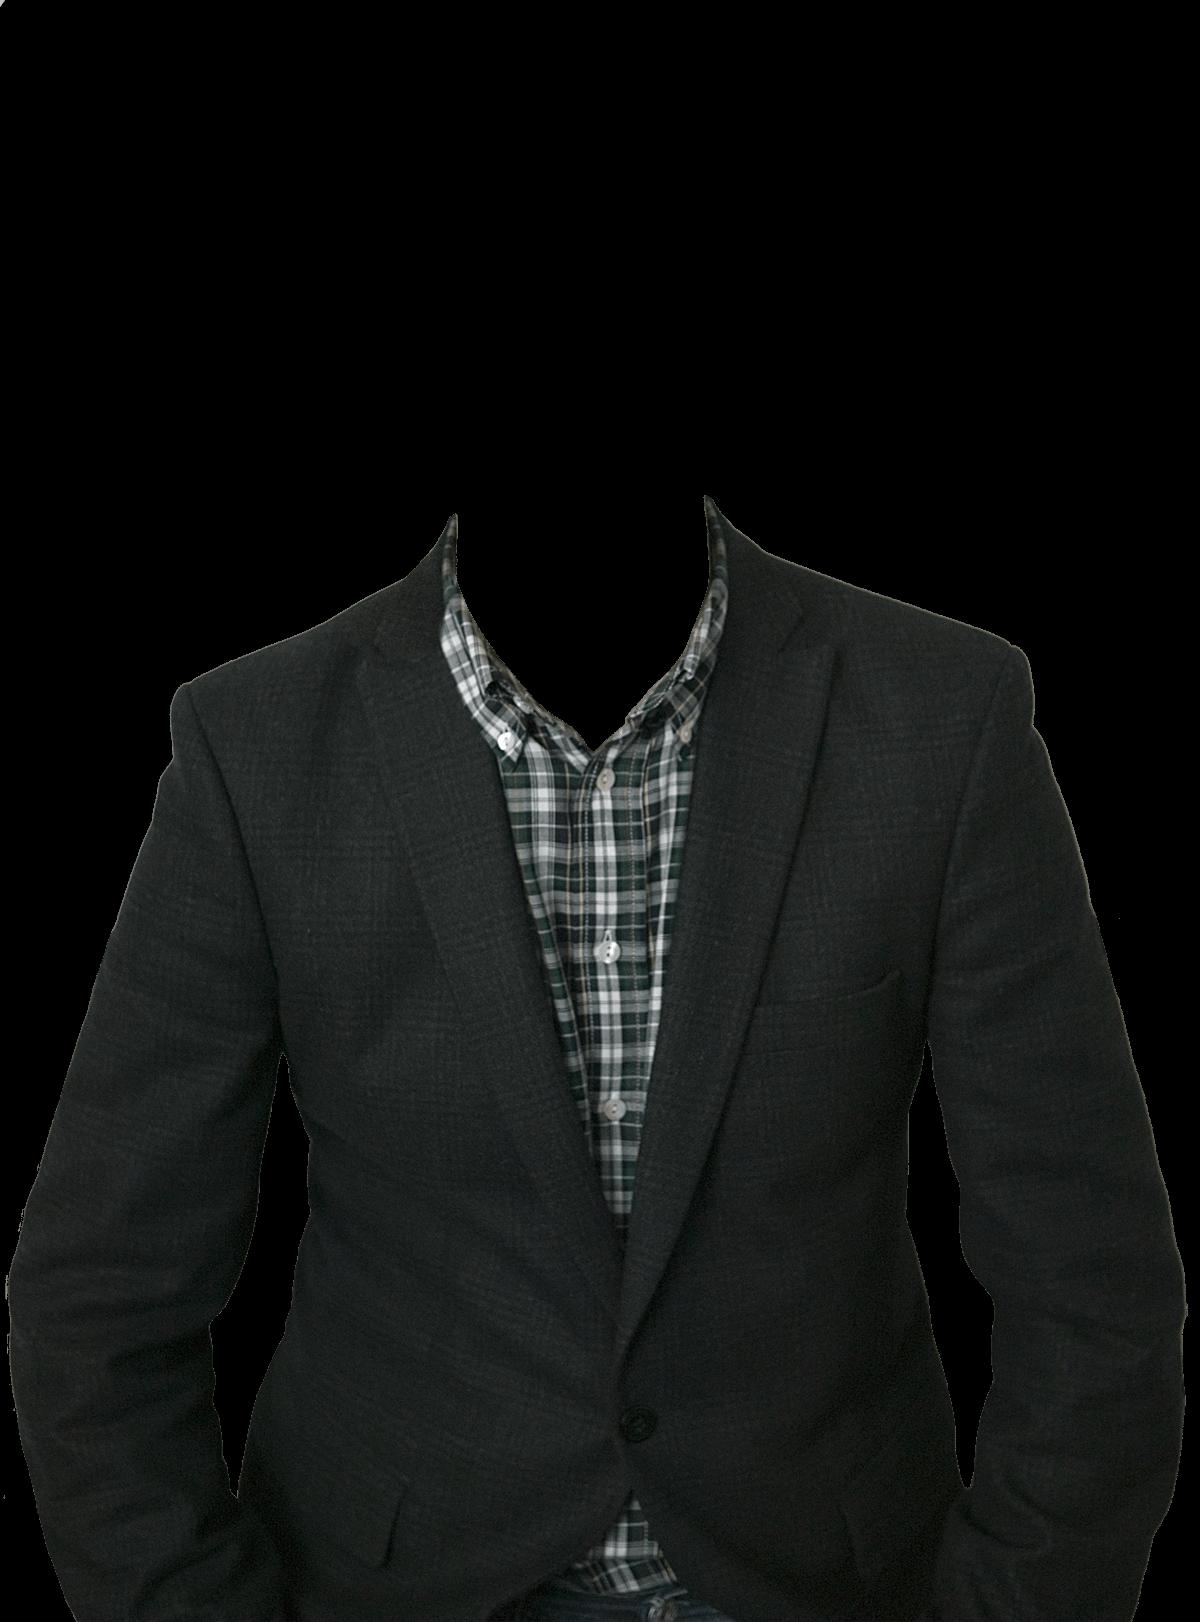 Download Suit For Men Hq Png Image Freepngimg